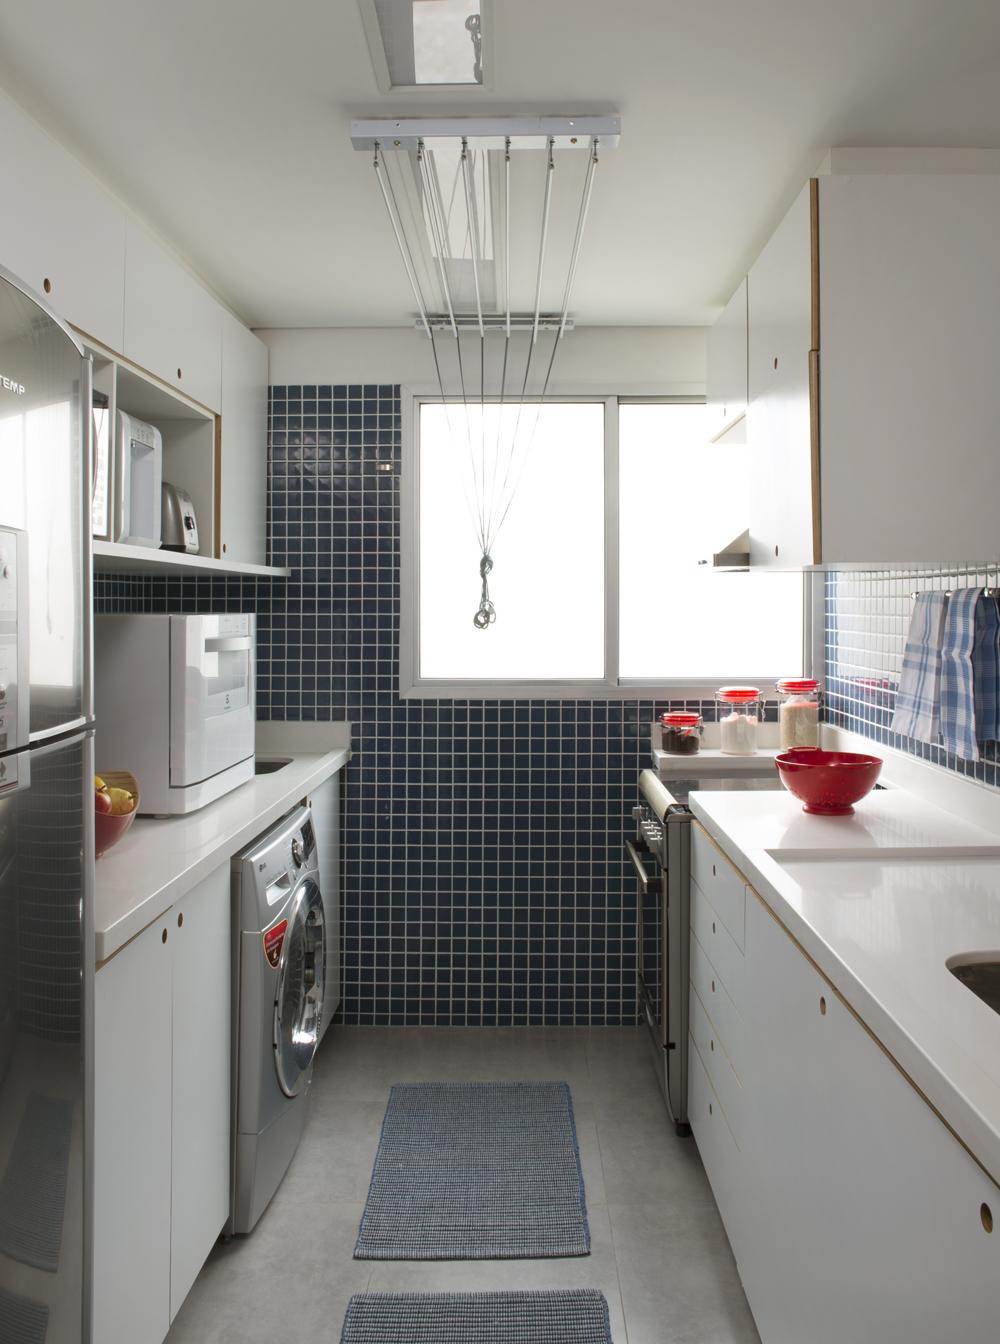 decoracao cozinha e area de servico integradas:projetos e acompanhar obras residenciais comerciais e corporativas r r